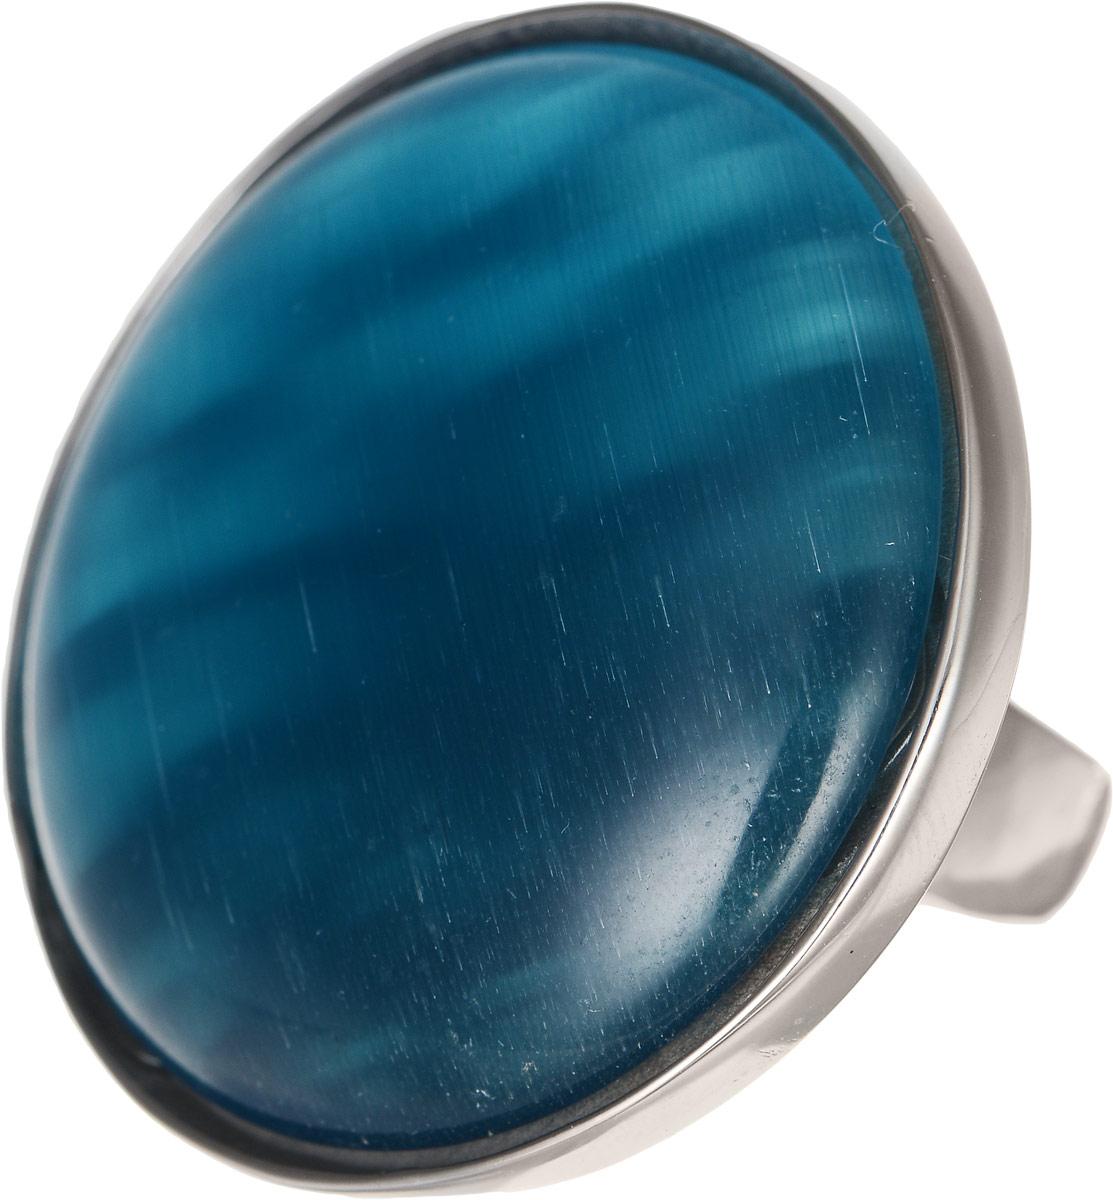 Кольцо Polina Selezneva, цвет: серебристый, синий. DG-0008. Размер 18DG-0008-08Оригинальное кольцо Polina Selezneva выполнено из бижутерийного сплава. Изделие круглой формы, дополнено искусственным камнем. Такое кольцо это блестящее завершение вашего неповторимого, смелого образа и отличный подарок для ценительницы необычных украшений!